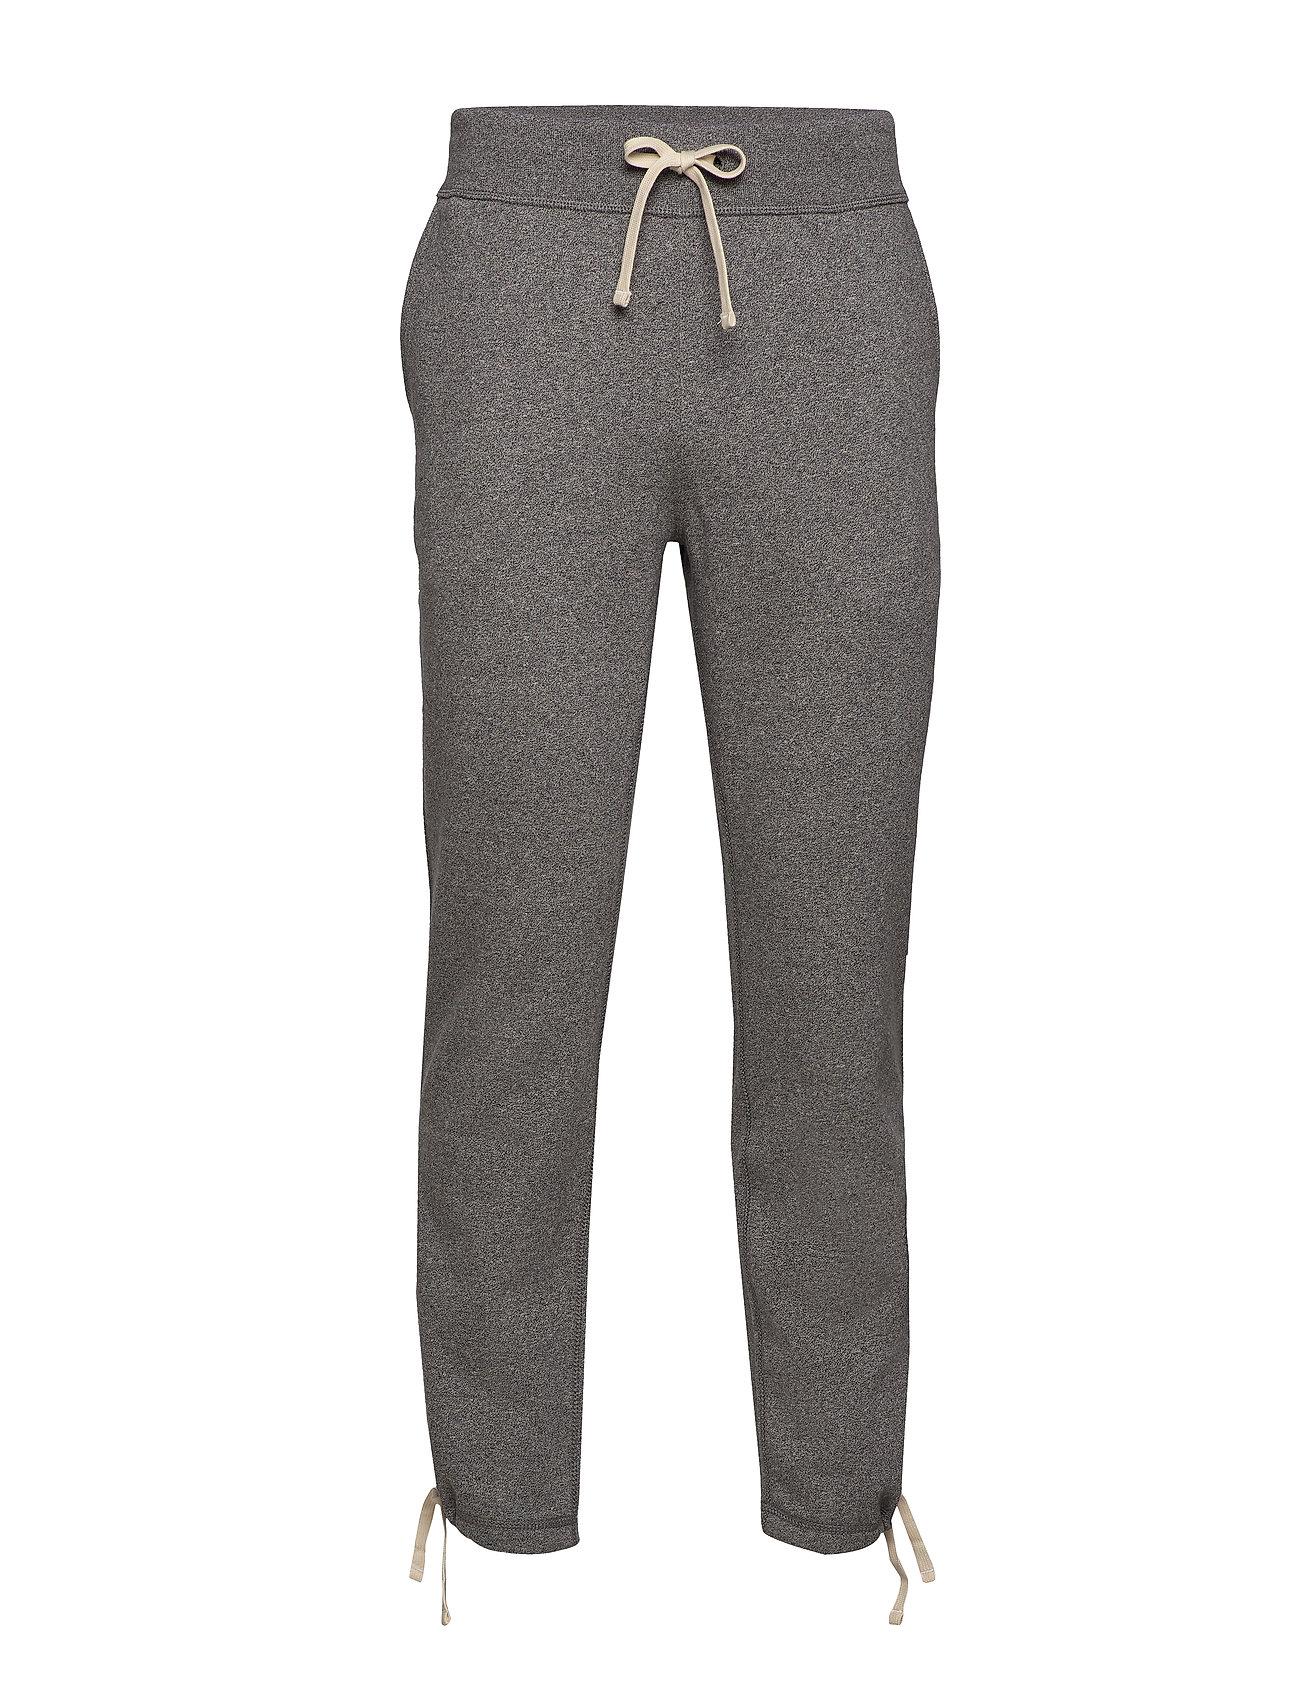 Polo Ralph Lauren Cotton-Blend-Fleece Pant - ALASKAN HEATHER